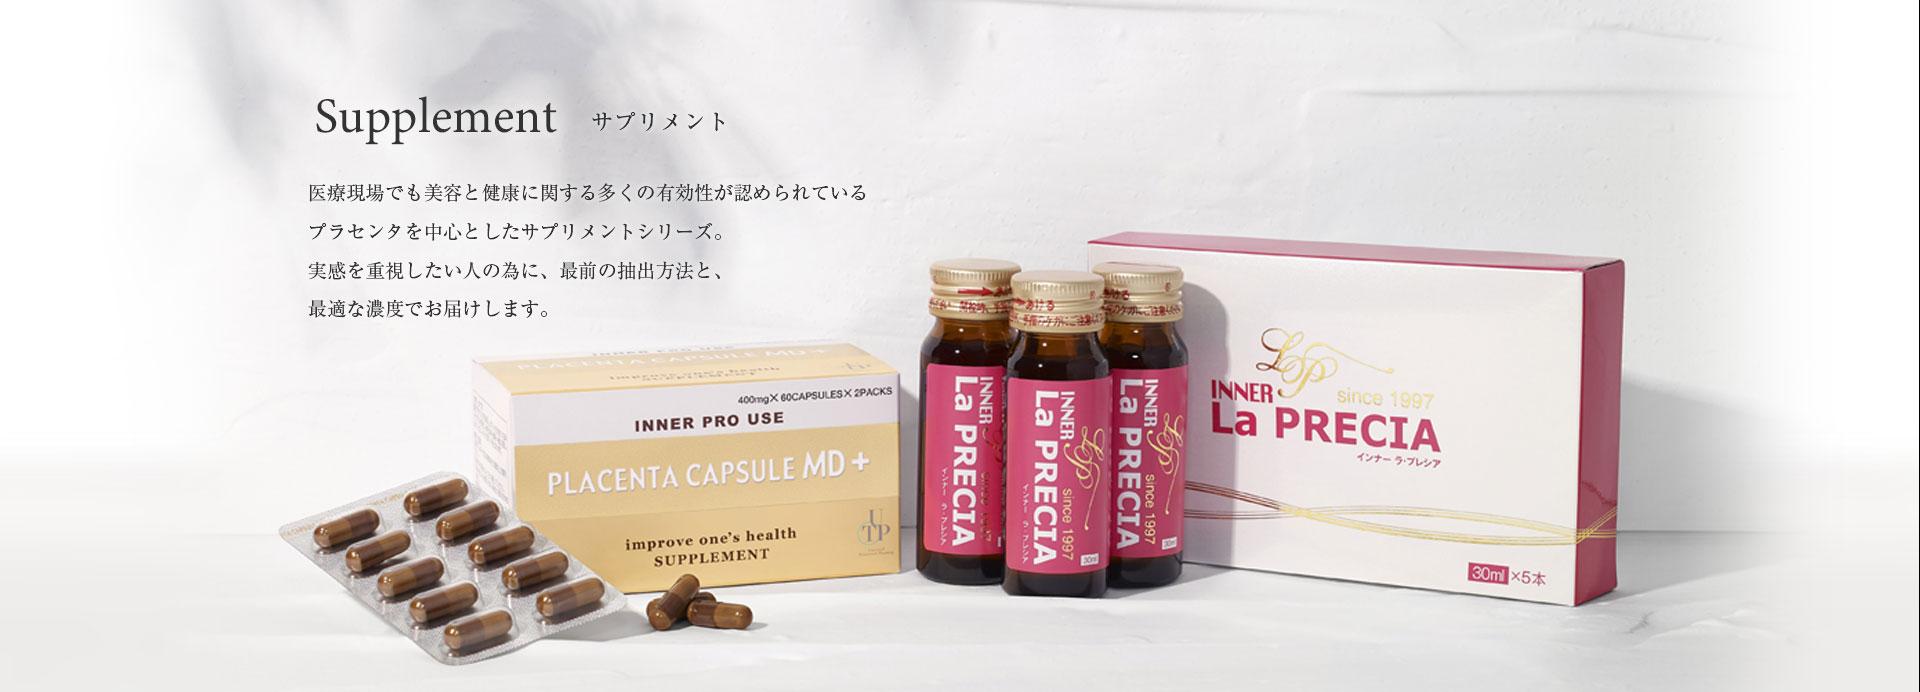 Supplement サプリメント